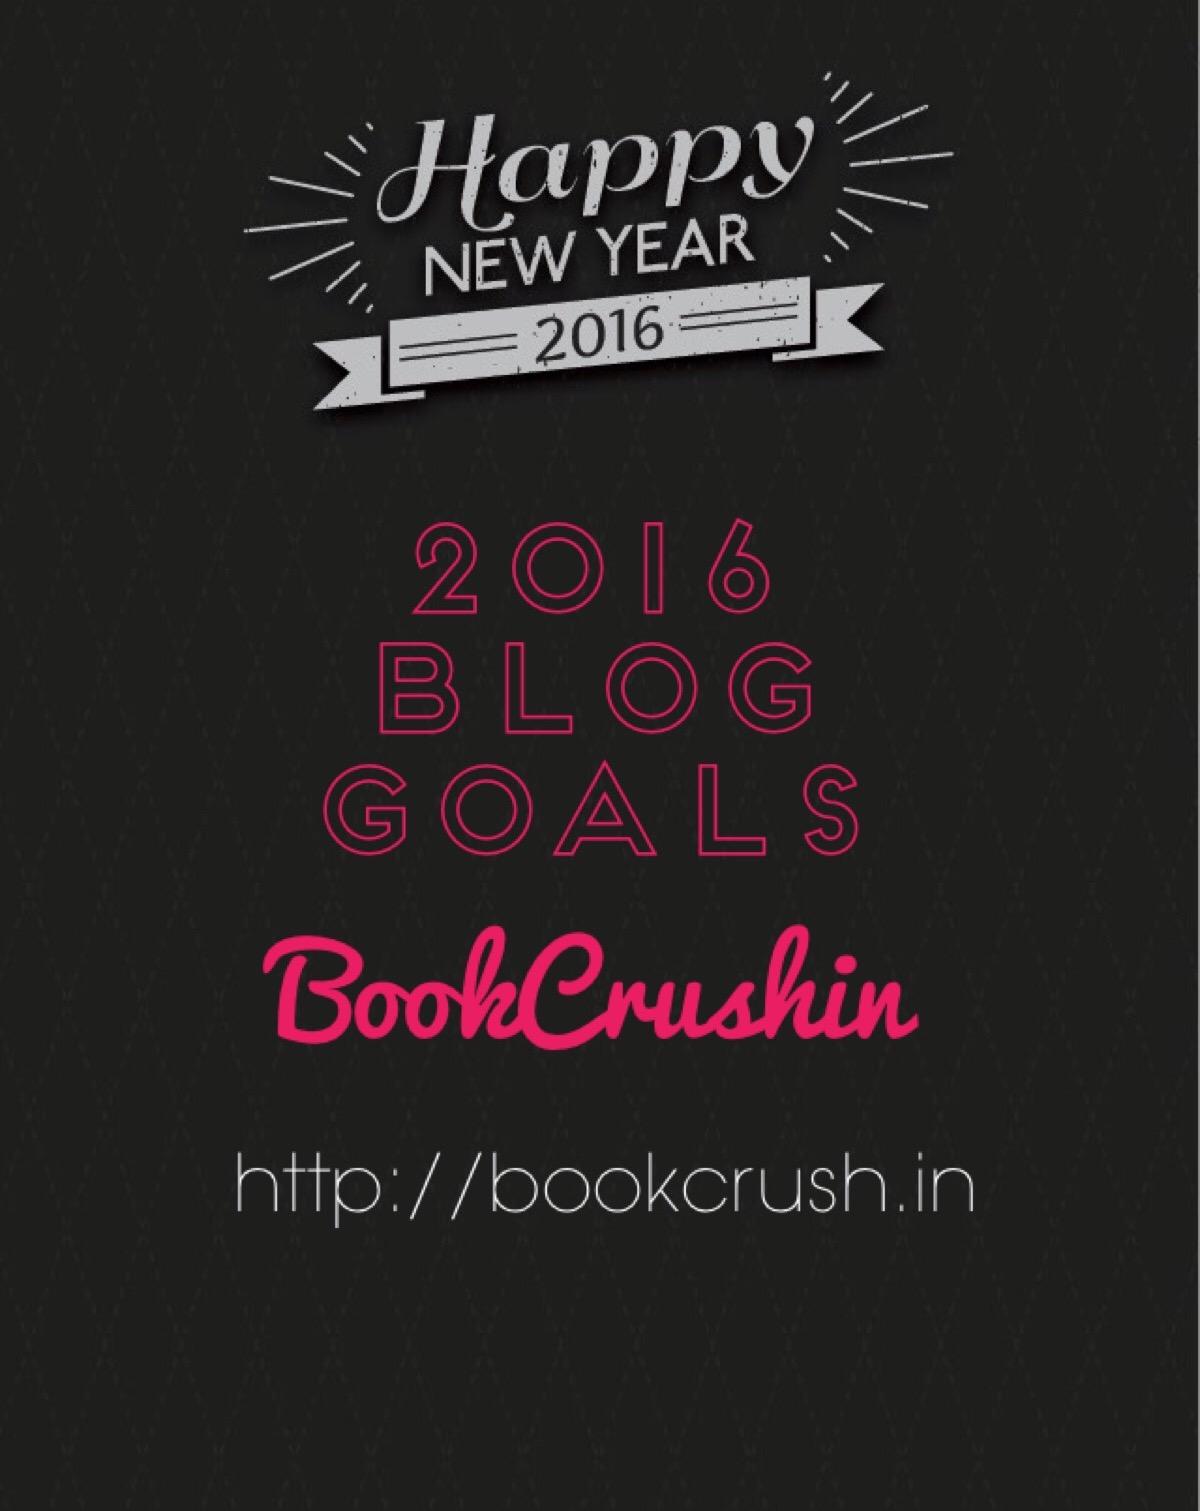 2016 Blog Goals & Giveaway!